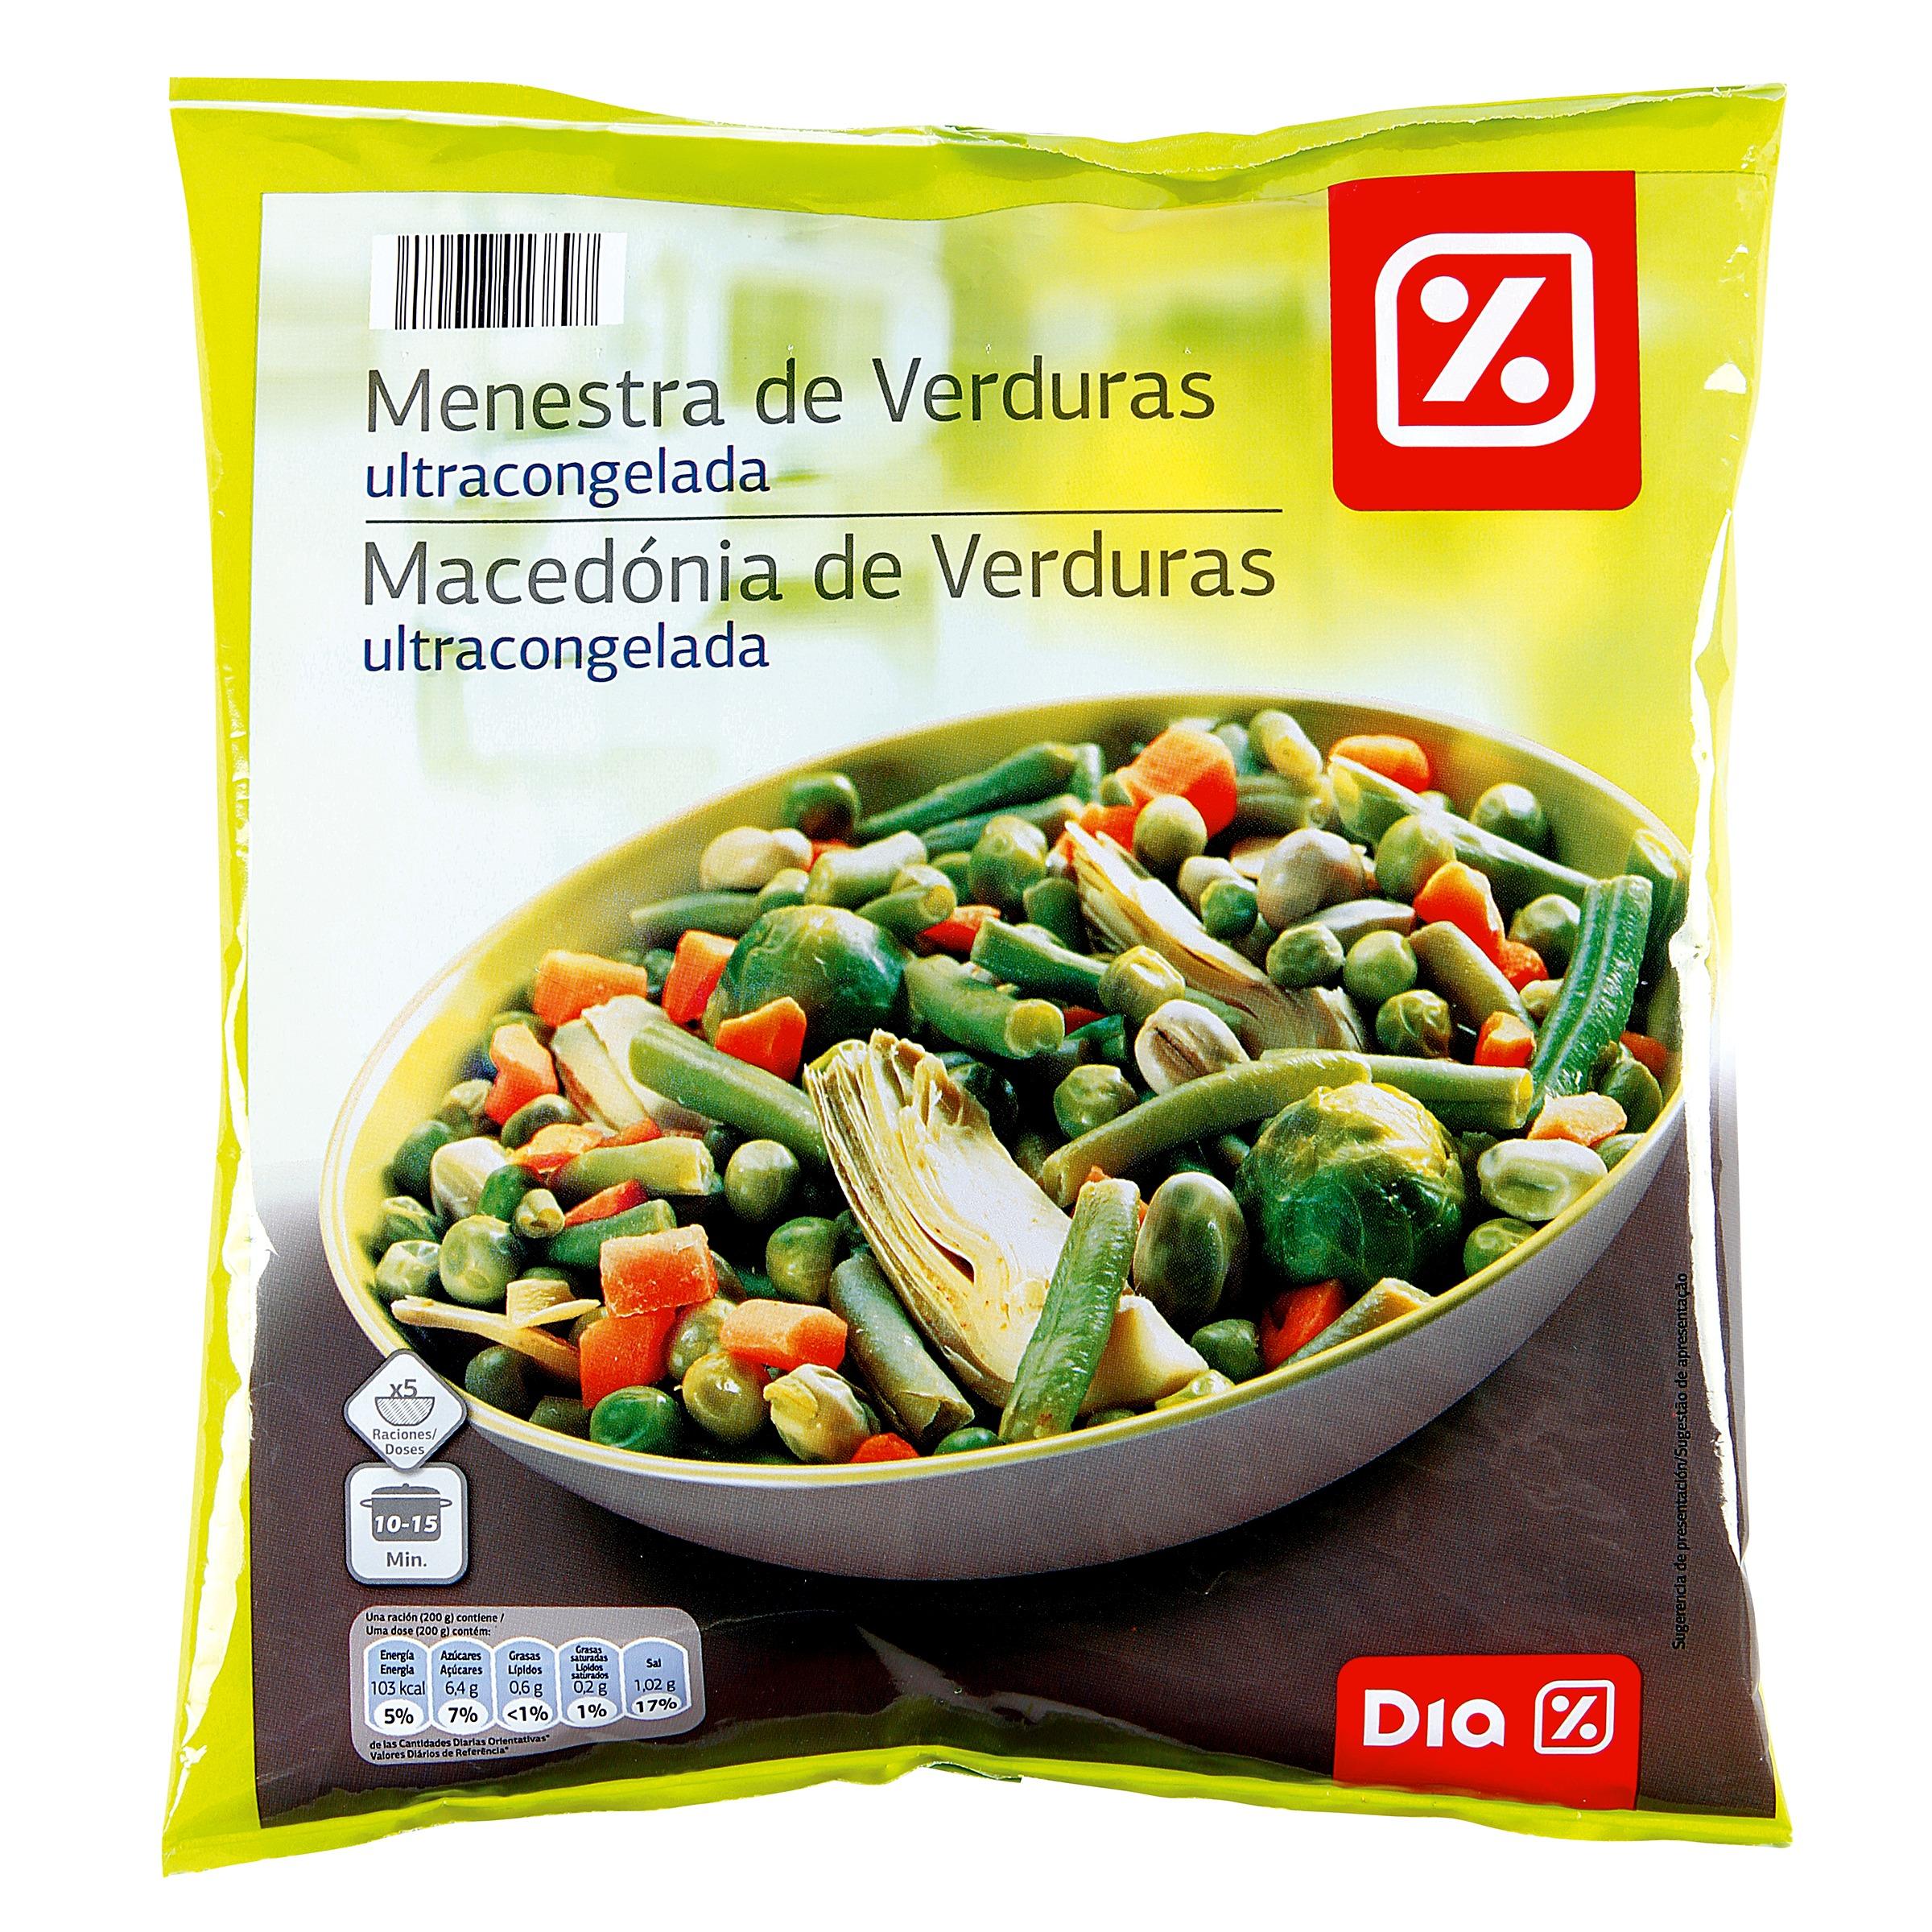 Dia menestra de verduras bolsa 1 kg menestras y - Menestra de verduras en texturas ...